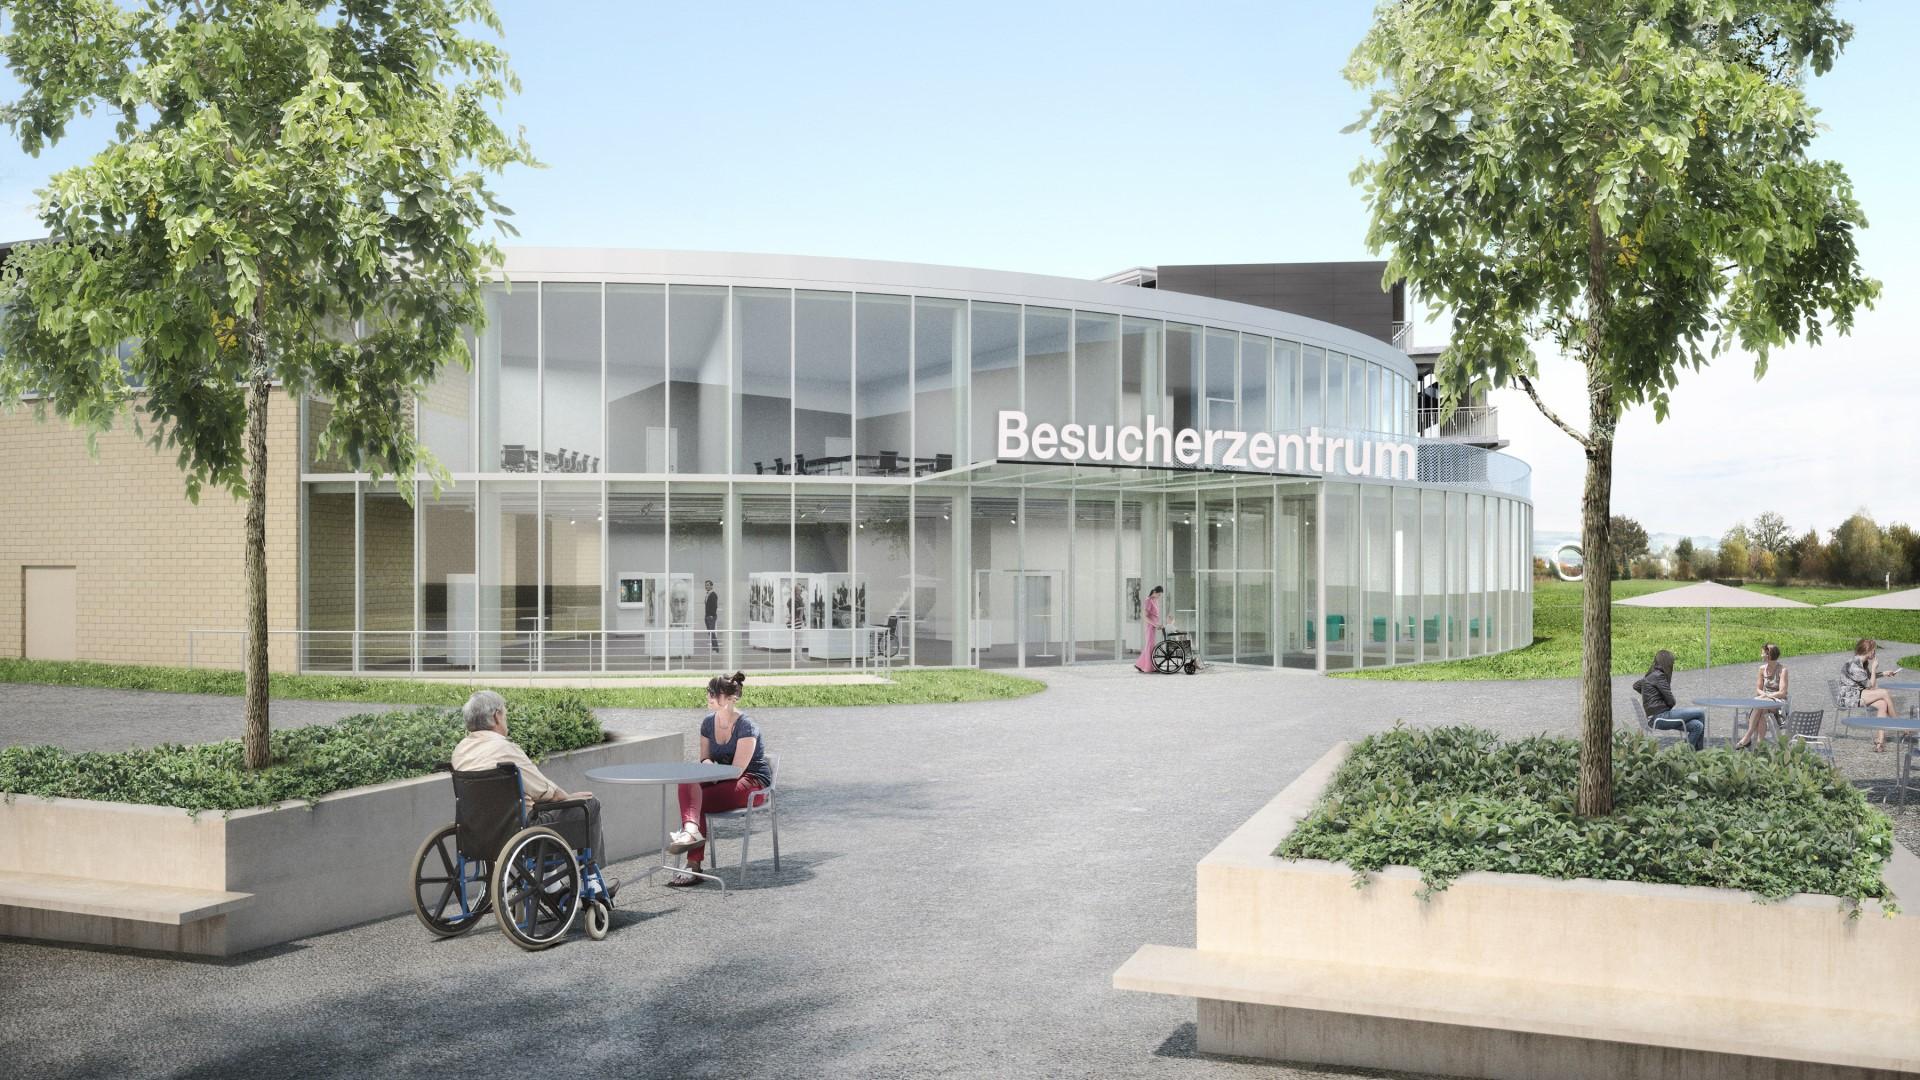 Fondazione svizzera per paraplegici - donazione centro visitatori